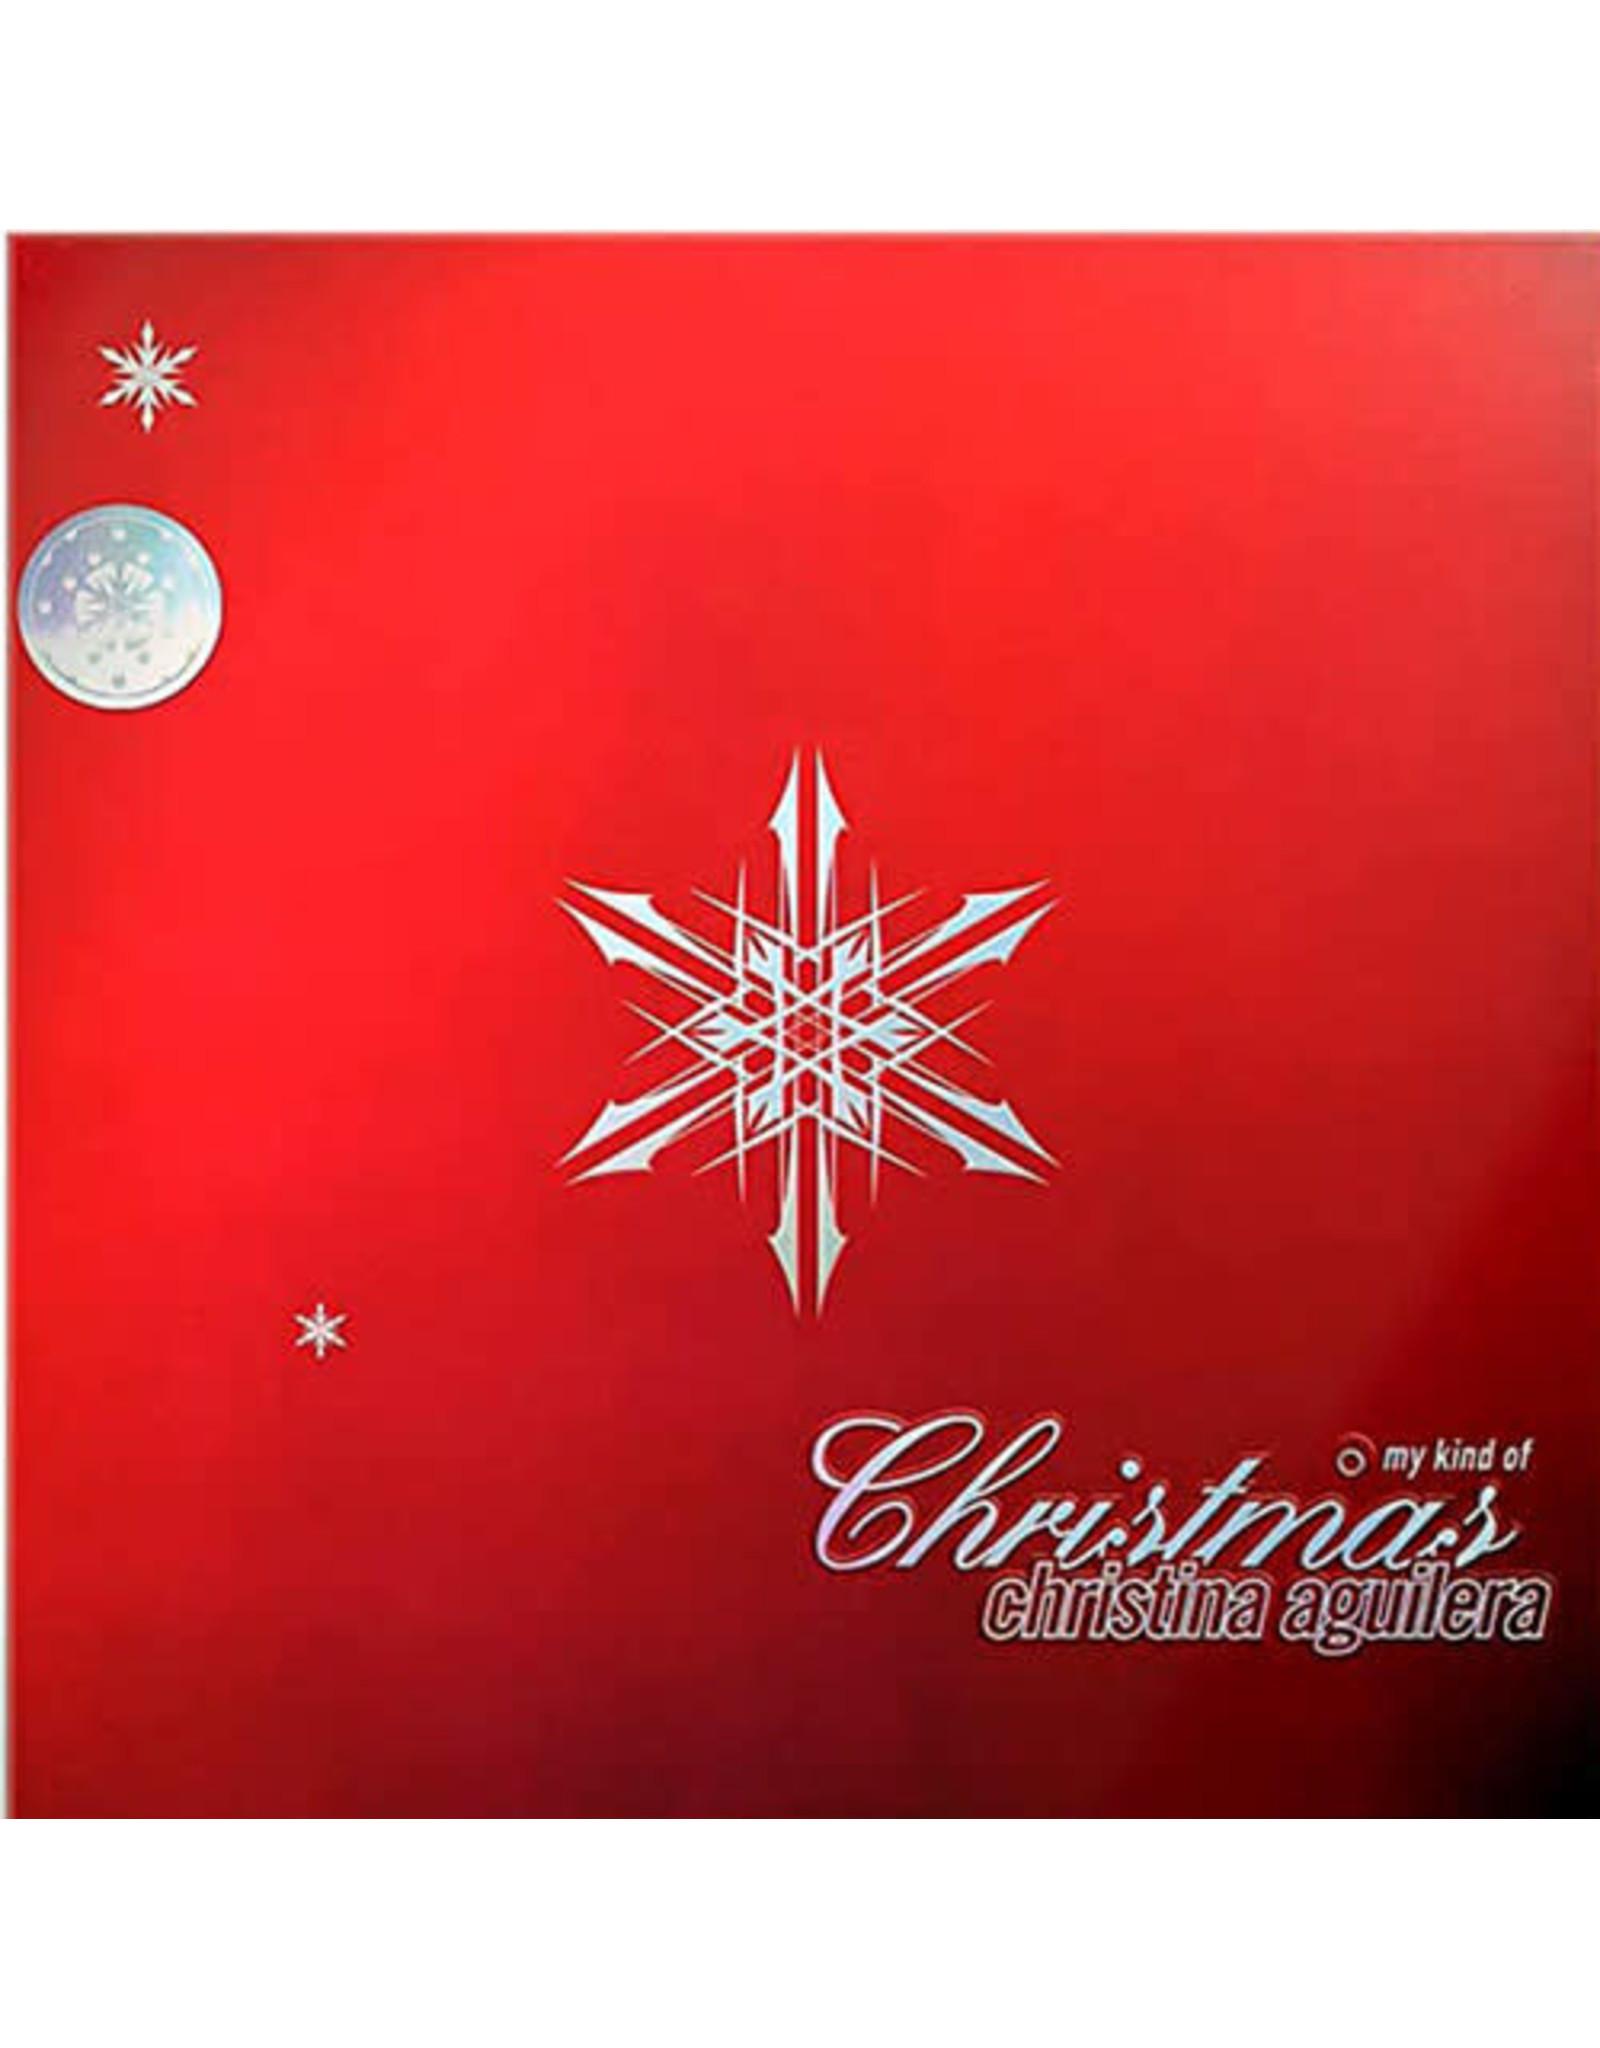 Aguilera, Christina / My Kind Of Christmas